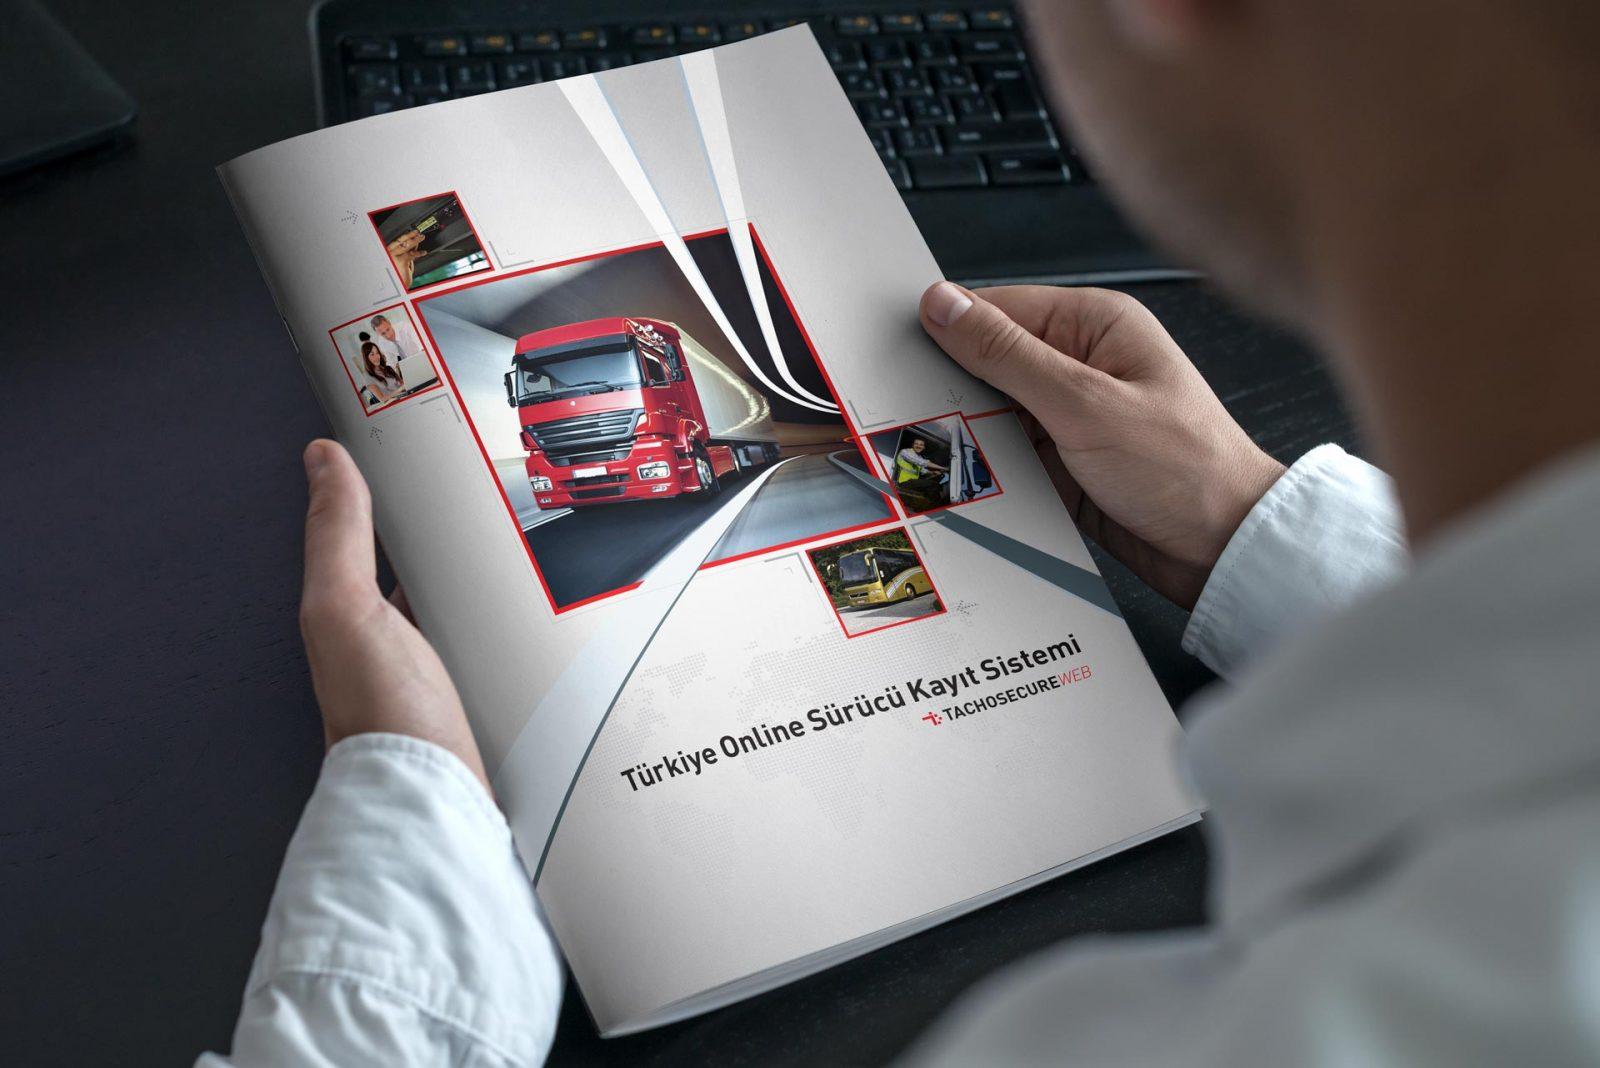 turktrust tachosecure broşür tasarımı 01